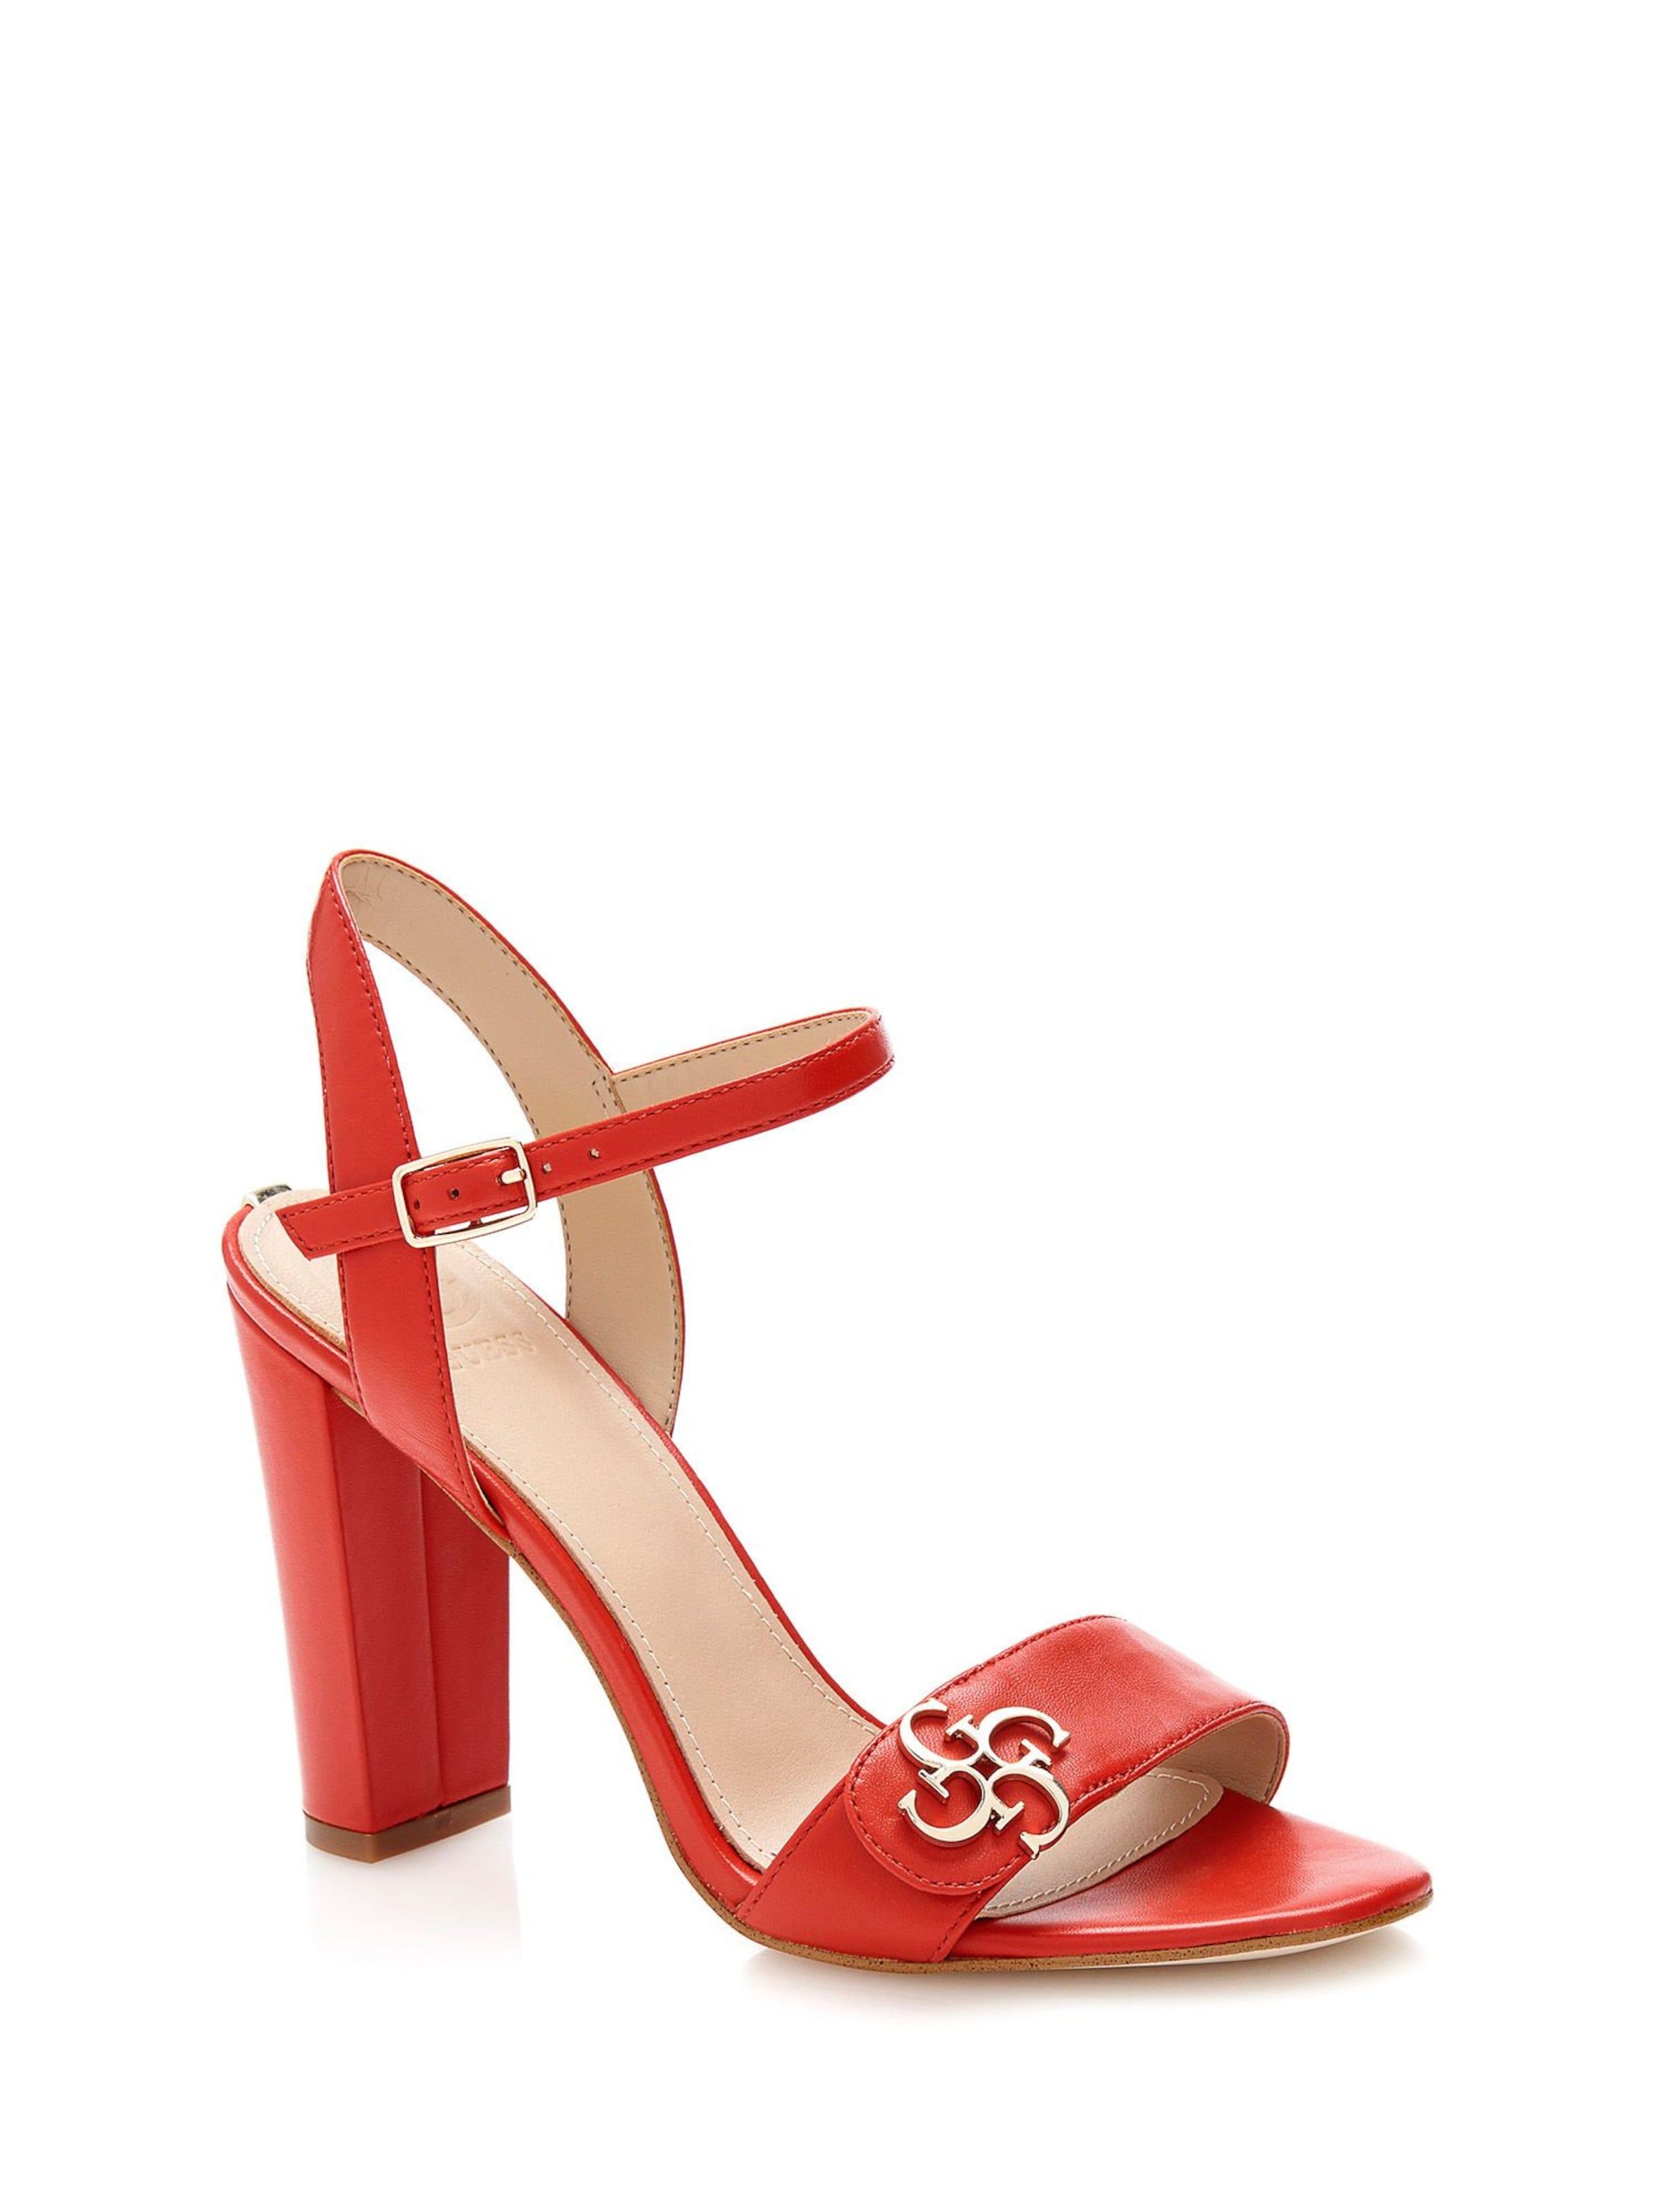 Haltbare Mode billige Schuhe GUESS | SANDALETTE 'LAMI' Schuhe Gut getragene Schuhe